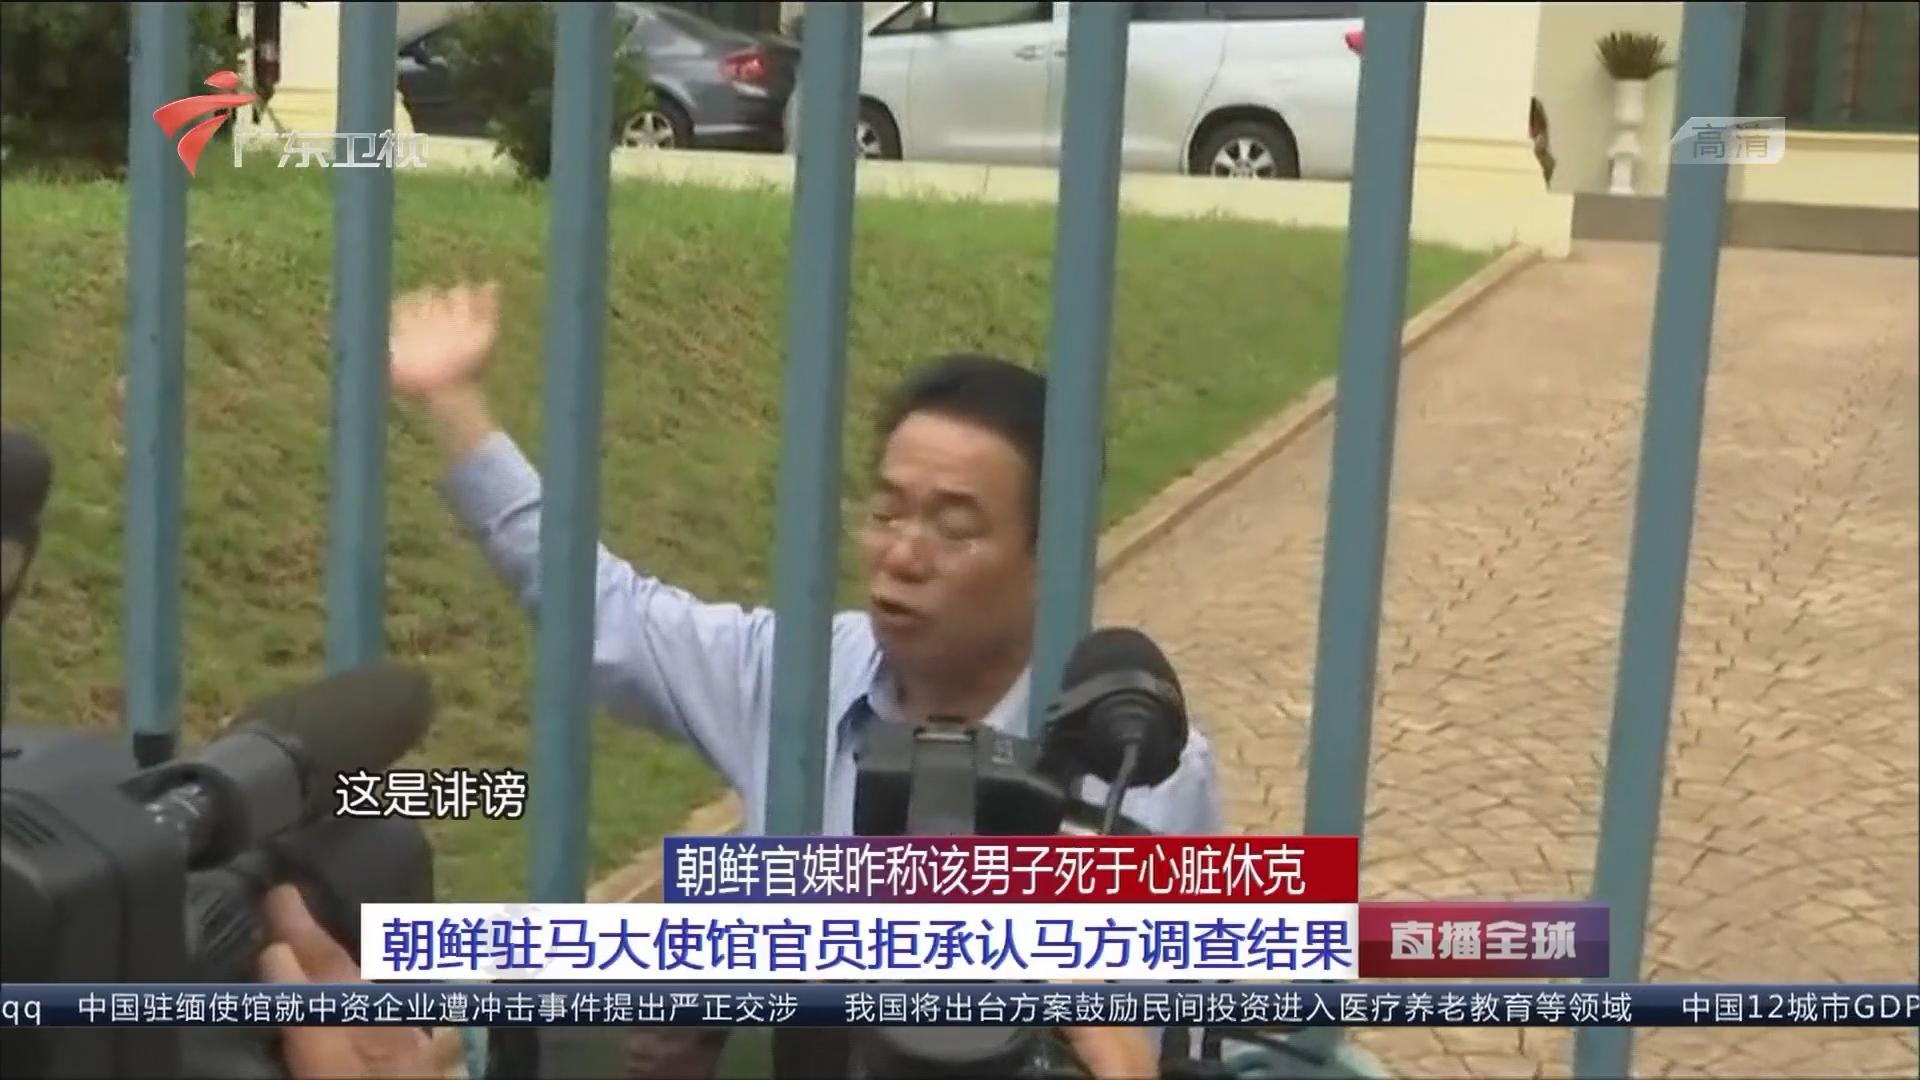 朝鲜官媒昨称该男子死于心脏休克:朝鲜驻马大使馆官员拒承认马方调查结果